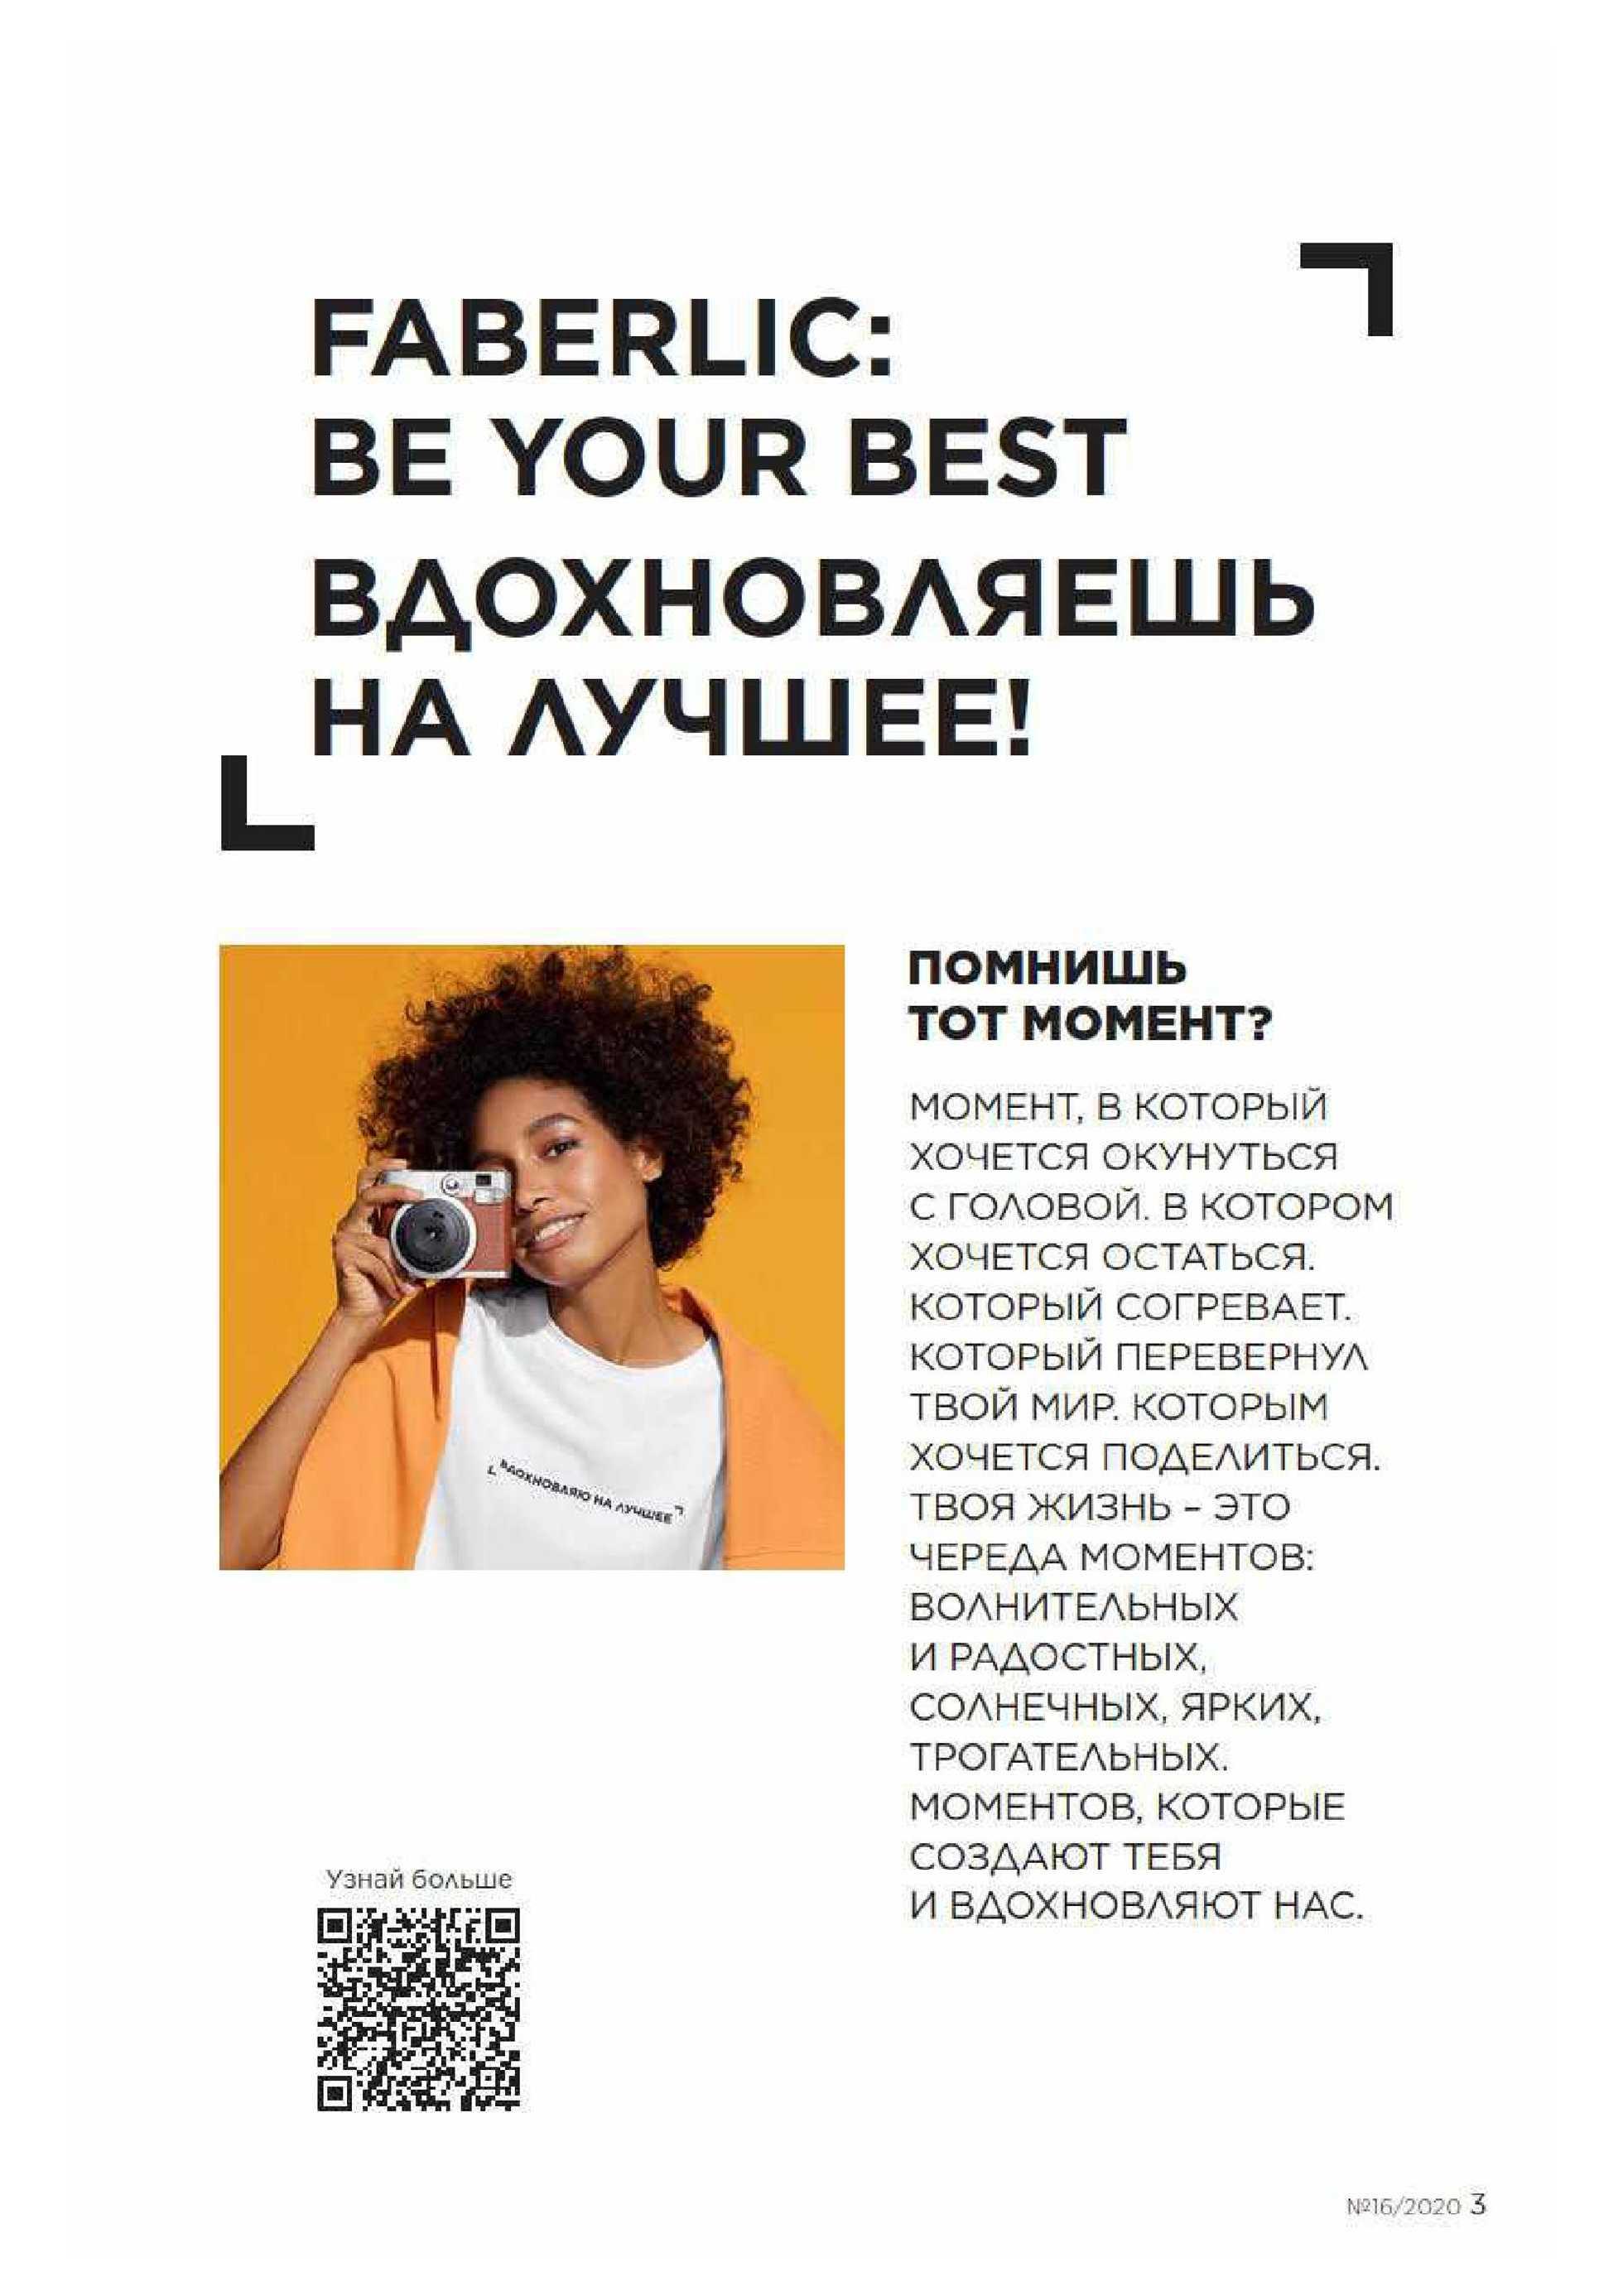 Фаберлик - каталог действителен с 26.10.2020 по 15.11.2020 - страница 3.